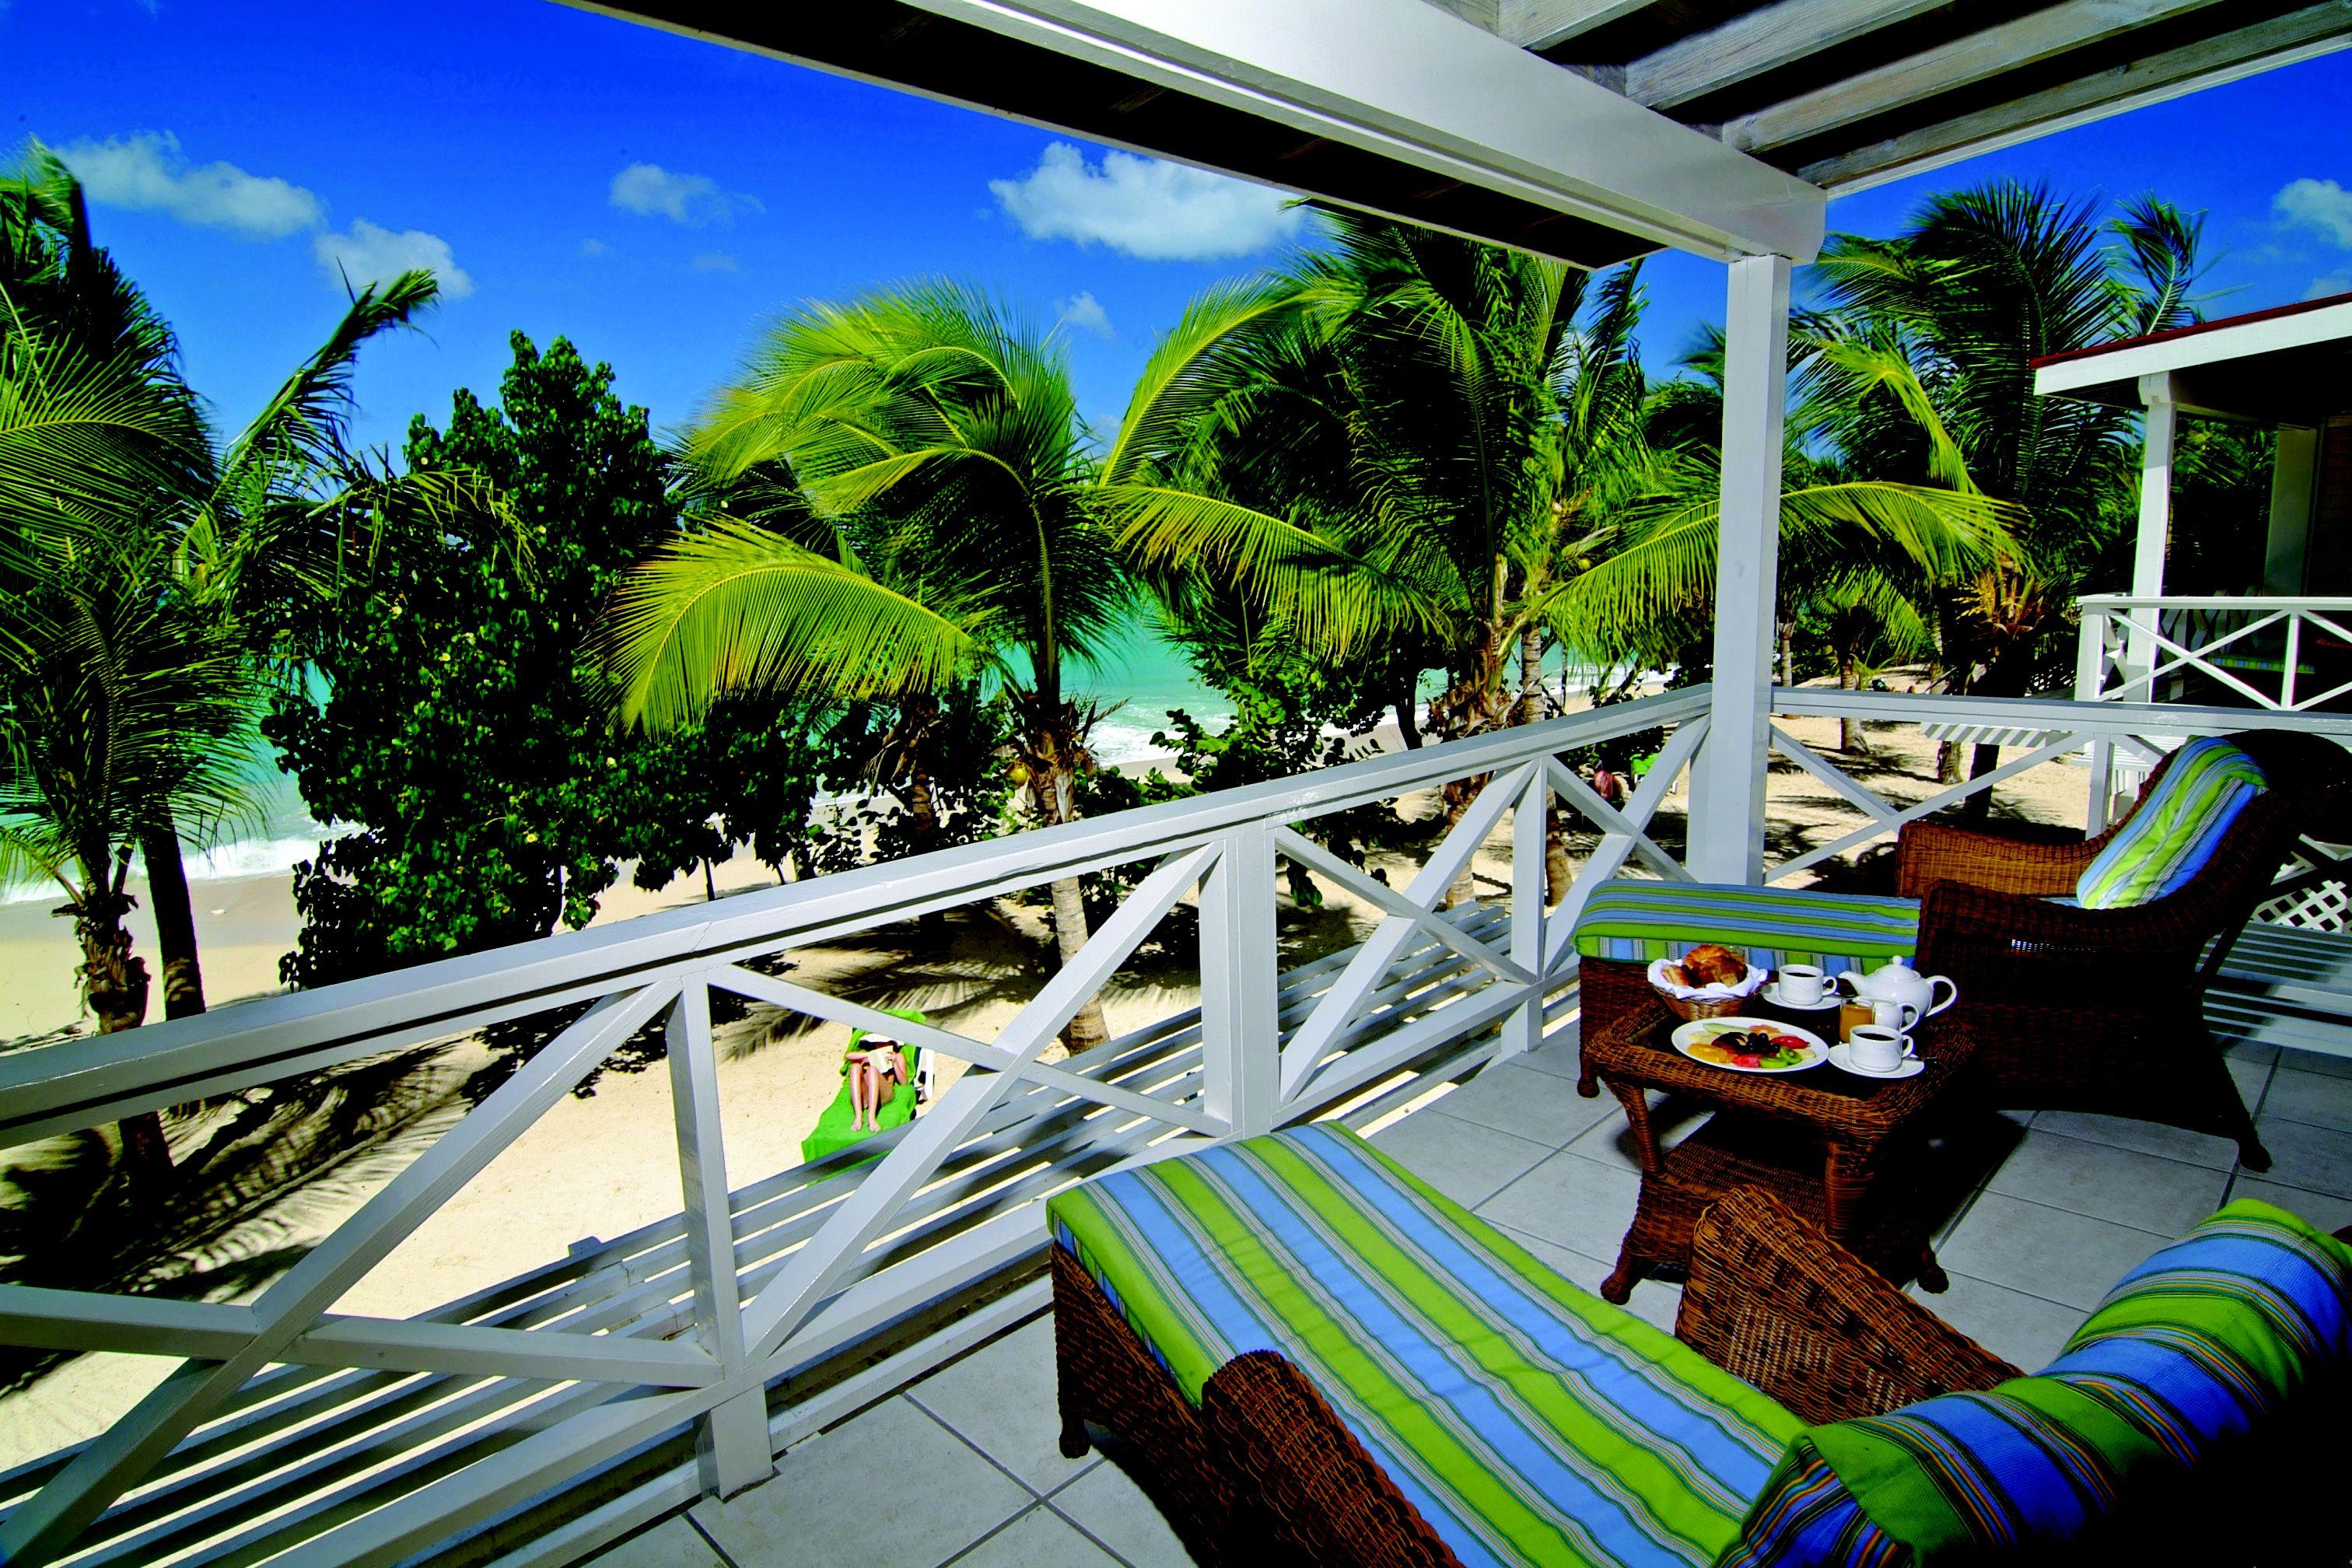 Antigua and Barbuda All-Inclusive Resorts